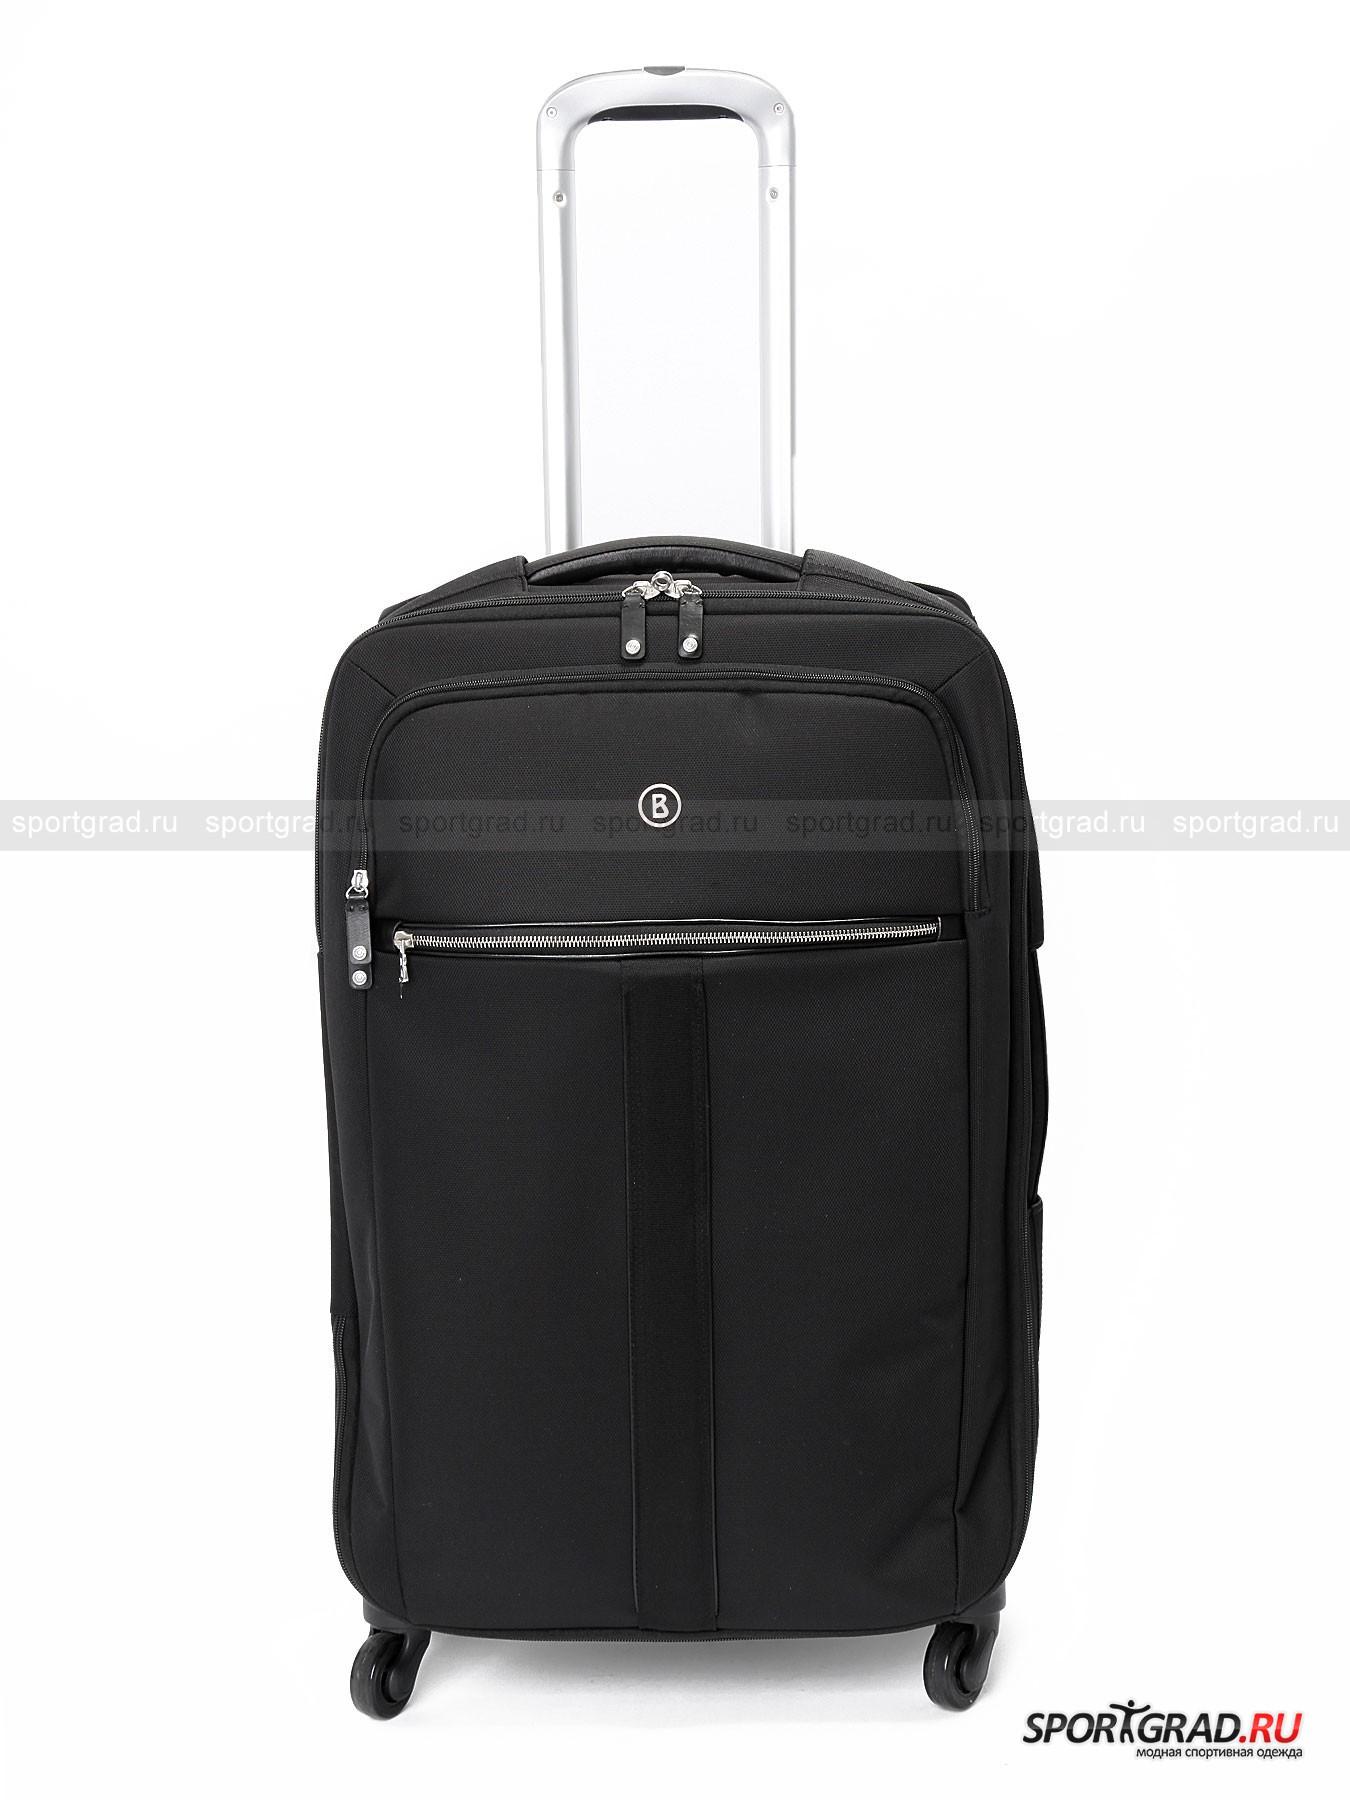 Чемодан Travel Spinner М BOGNERСумки<br>Чемодан для путешествий следует выбирать с особой тщательностью, ведь от него во многом зависит комфорт в поездке. Он должен быть не только достаточно большим, но также практичным, прочным и продуманным. Все это в полной мере относится к чемодану Travel Spinner M Bogner.<br><br>Эта вместительная  модель сделана из прочного и износостойкого нейлона, устойчивого к повреждениям. Основное отделение снабжено ремнями для фиксации вещей, если это нужно, и карманом-сеточкой на молнии с внутренней стороны крышки. Также имеется еще одно отделение поменьше с двумя внутренними карманами и одним наружным на молнии.<br><br>Другие особенности модели:<br>- четыре колеса, способных поворачивать на 360 градусов;<br>- сверху и на боку ручки с кожаной вставкой анатомической формы изнутри;<br>- выдвигающаяся металлическая ручка;<br>- фирменный логотип.<br><br>Возраст: Взрослый<br>Тип: Сумки<br>Рекомендации по уходу: Нельзя стирать, отбеливать, гладить, сушить в машинке. Химчистка запрещена. Хранить в темном сухом месте, предварительно набив бумагой.<br>Состав: Материал верха 100% нейлон